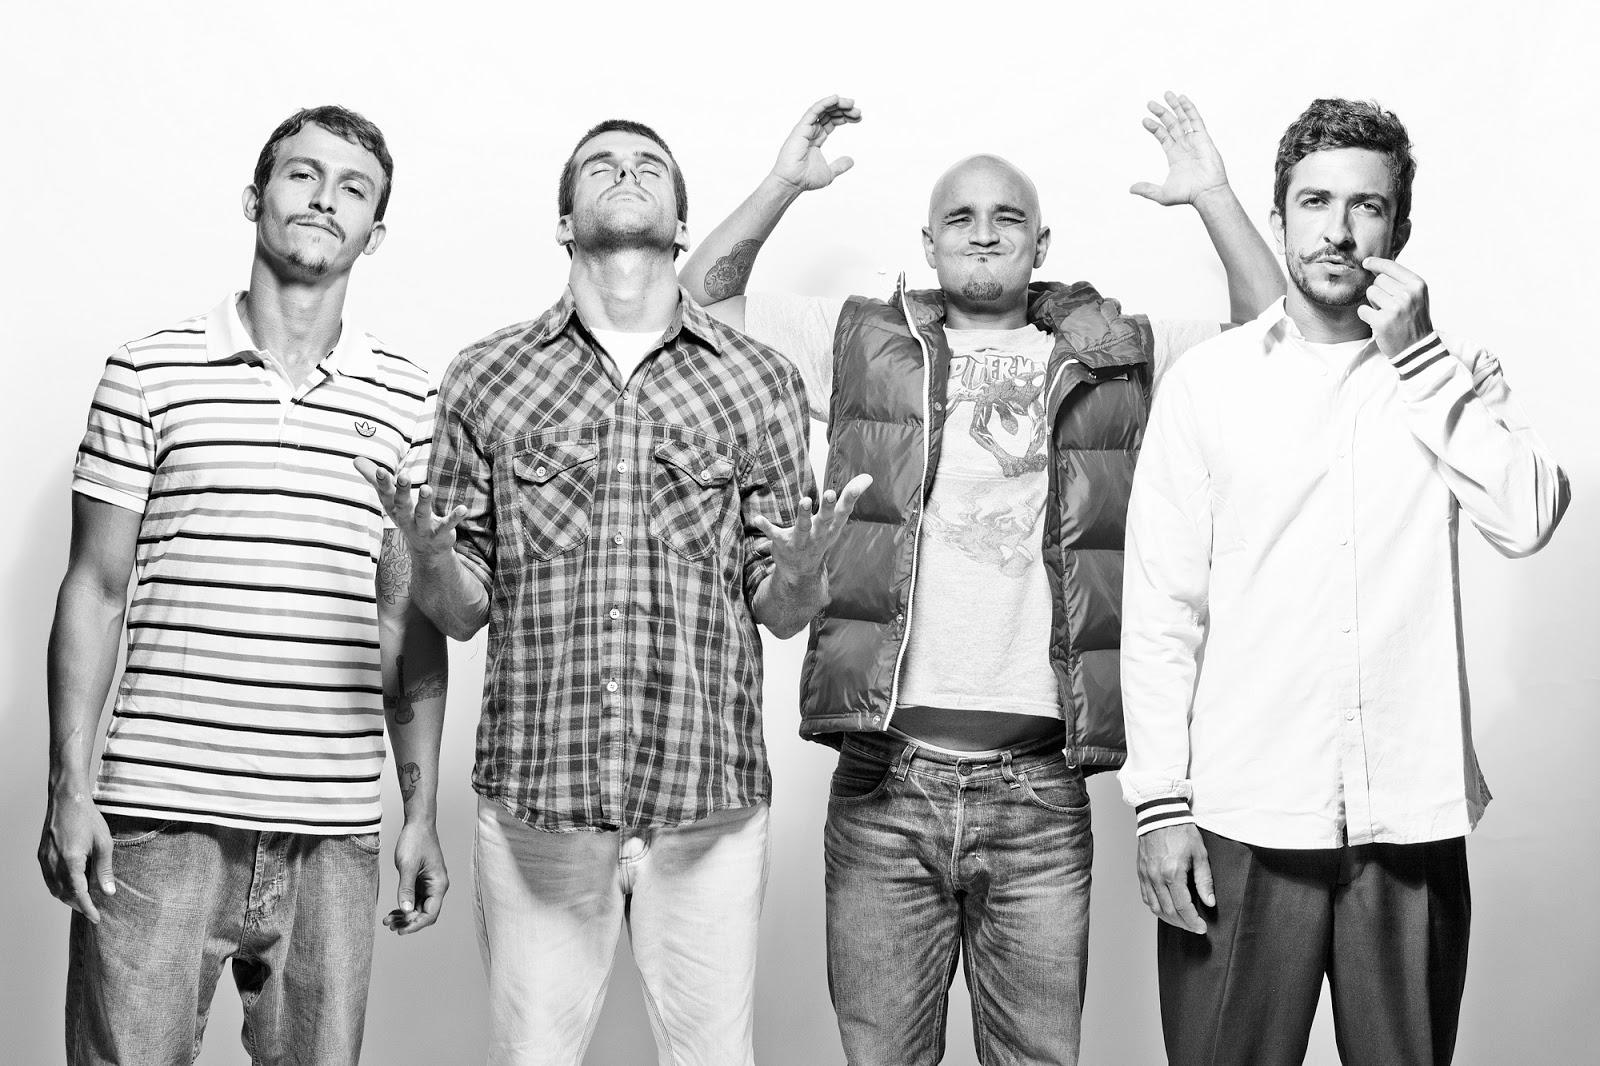 foto da banda forfun em preto e branco